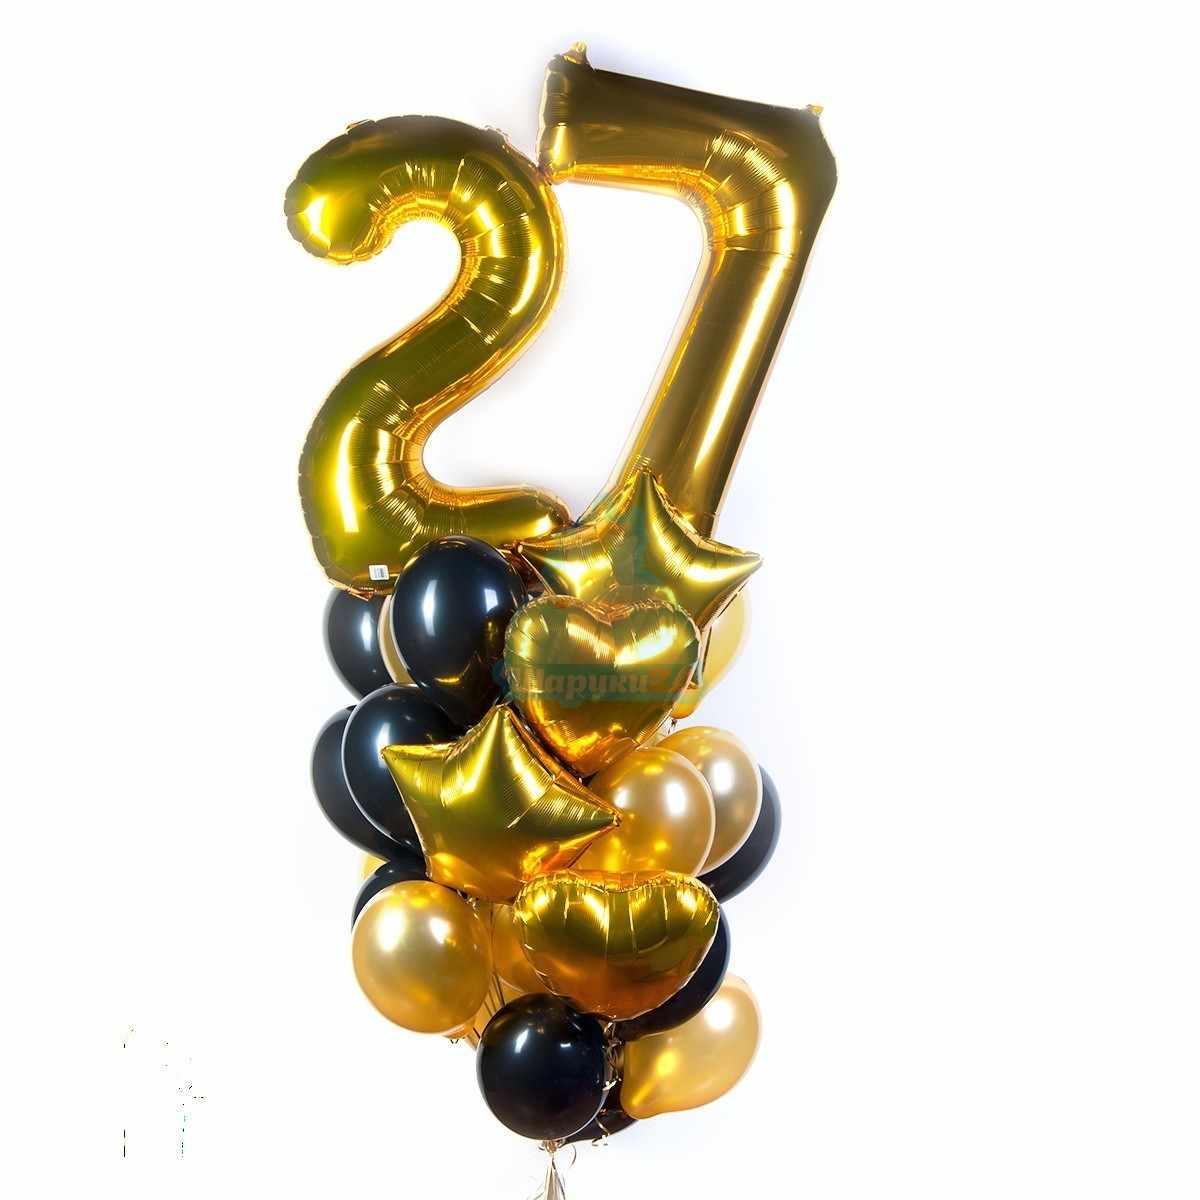 Букет на день рождения с золотыми цифрами звездами и сердцами фото в интернет-магазине Шарики 24